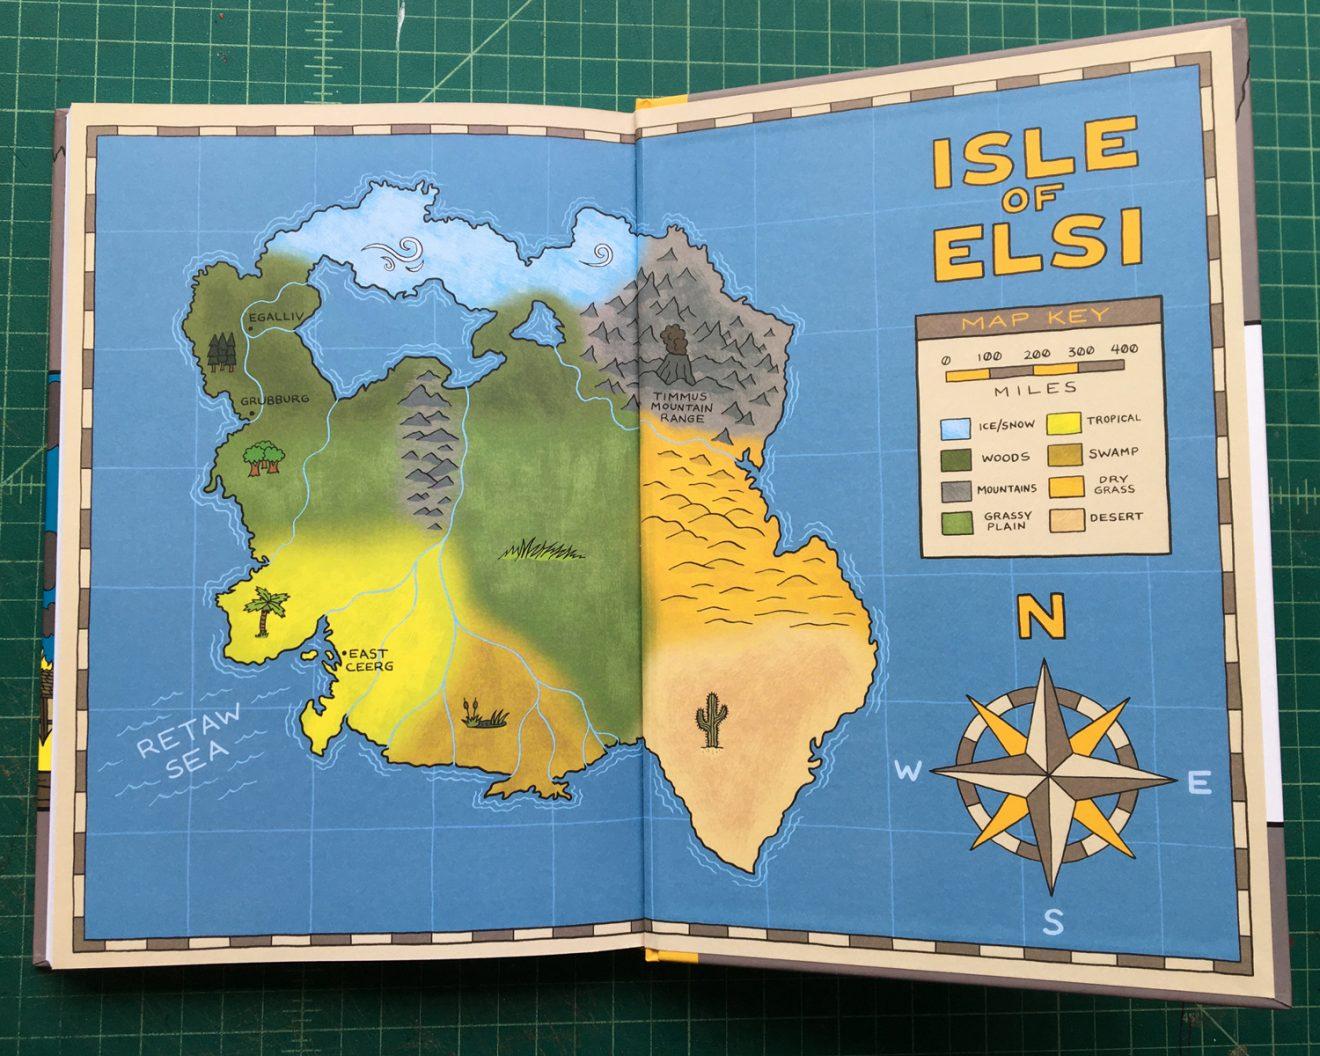 Isle of Elsi vol. 1 by Alec Longstreth